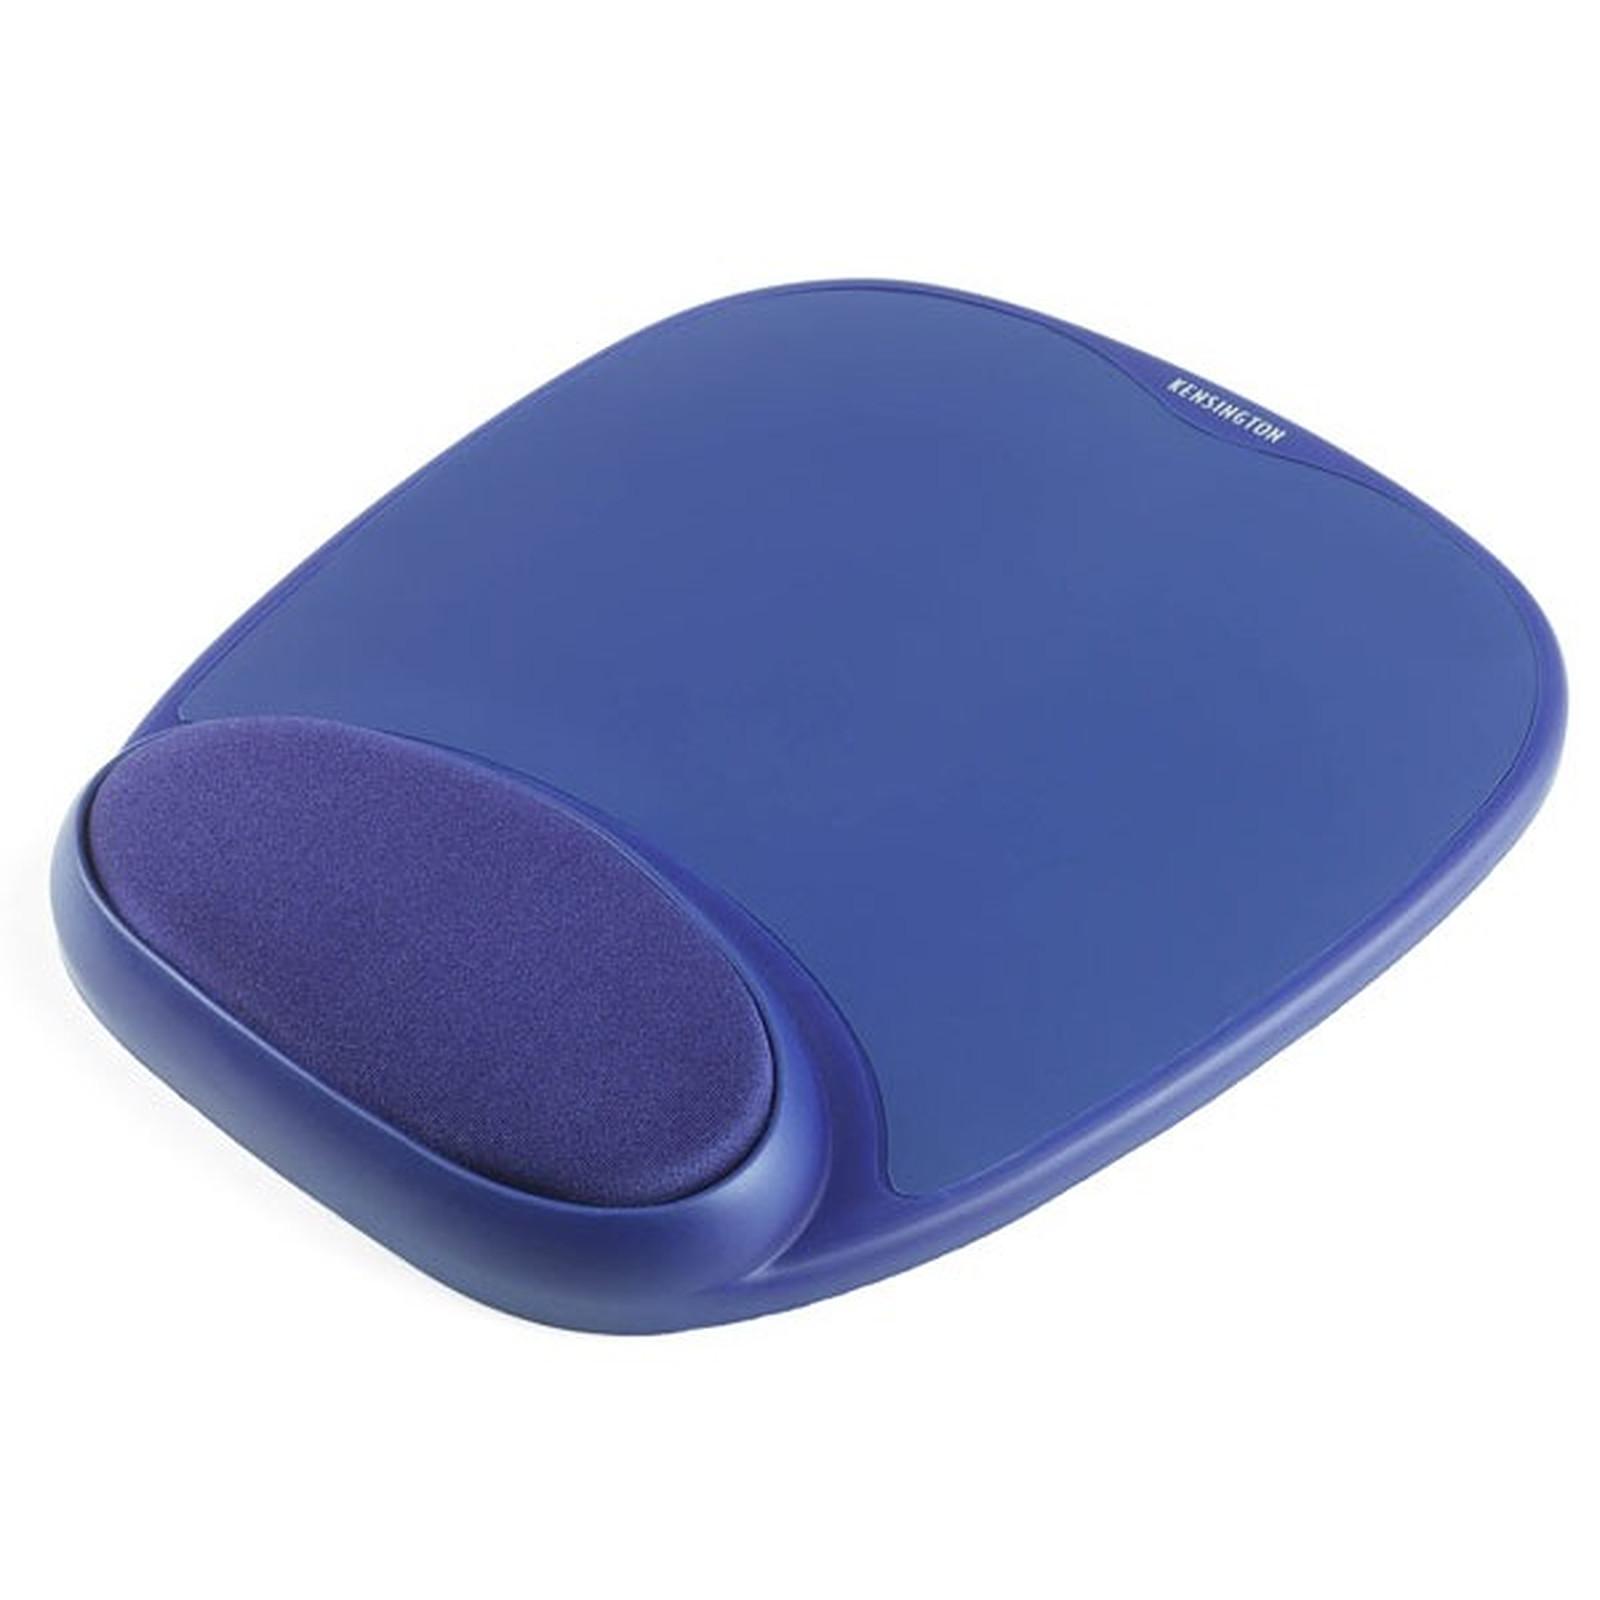 Kensington tapis de souris avec repose-poignet en mousse (coloris bleu)